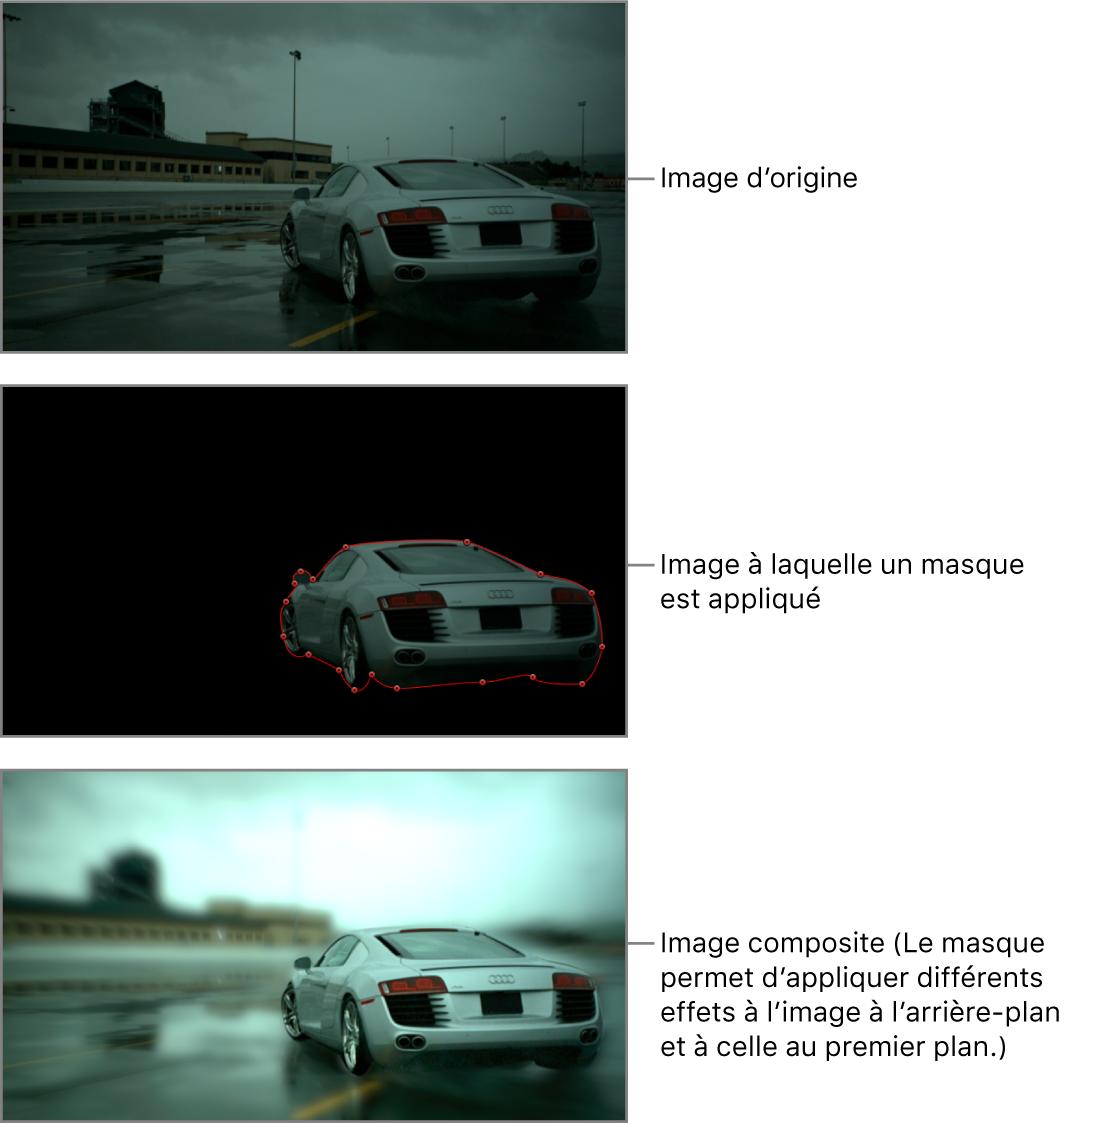 Canevas affichant l'image d'une voiture avant d'appliquer le masque, lequel est tracé autour de la voiture, et l'effet final de rotoscopie (un filtre de flou est appliqué à l'arrière-plan mais pas à la voiture)